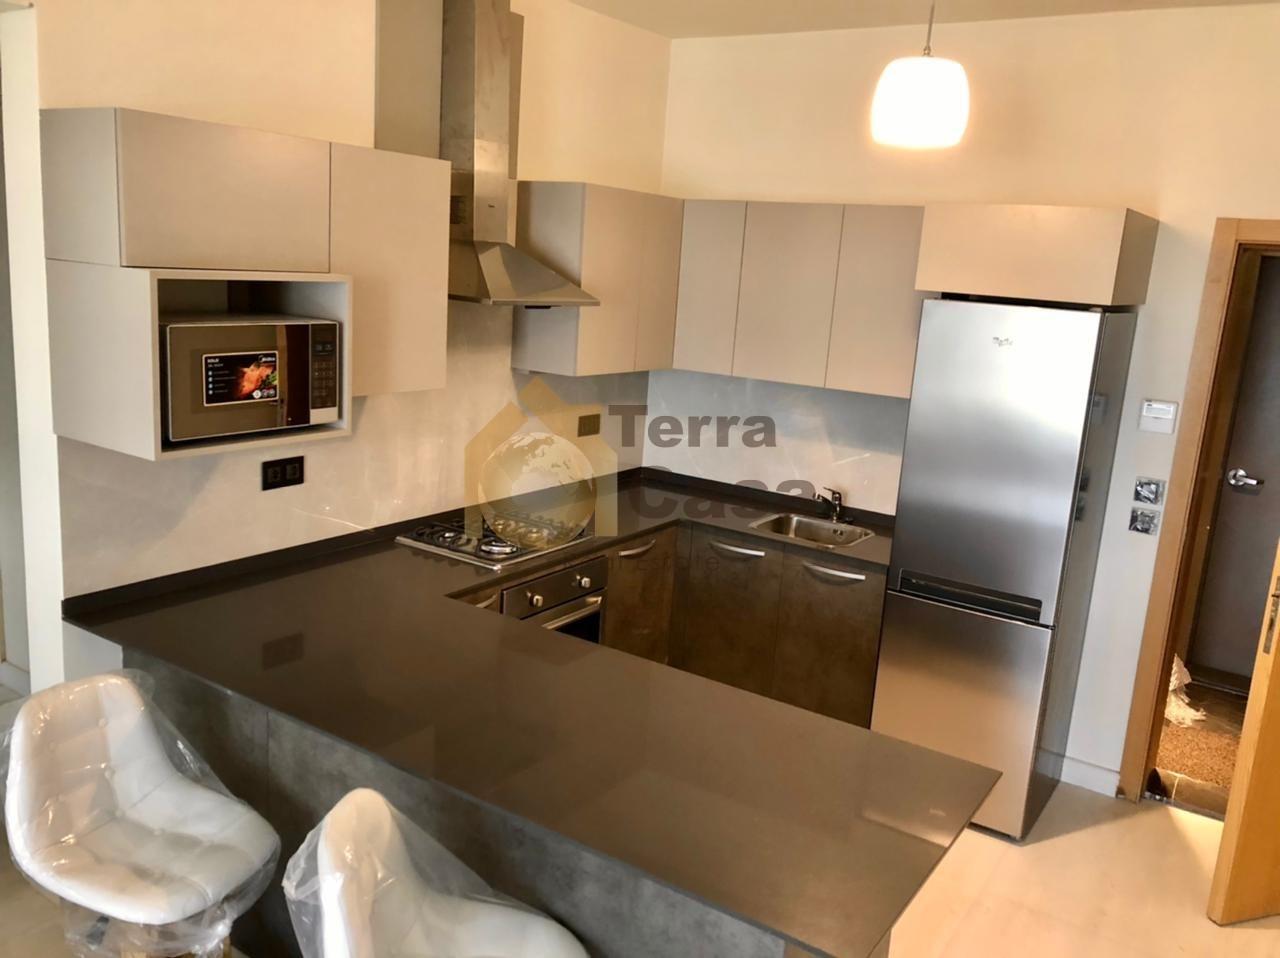 Ashrafieh 88 sqm furnished for rent cash.